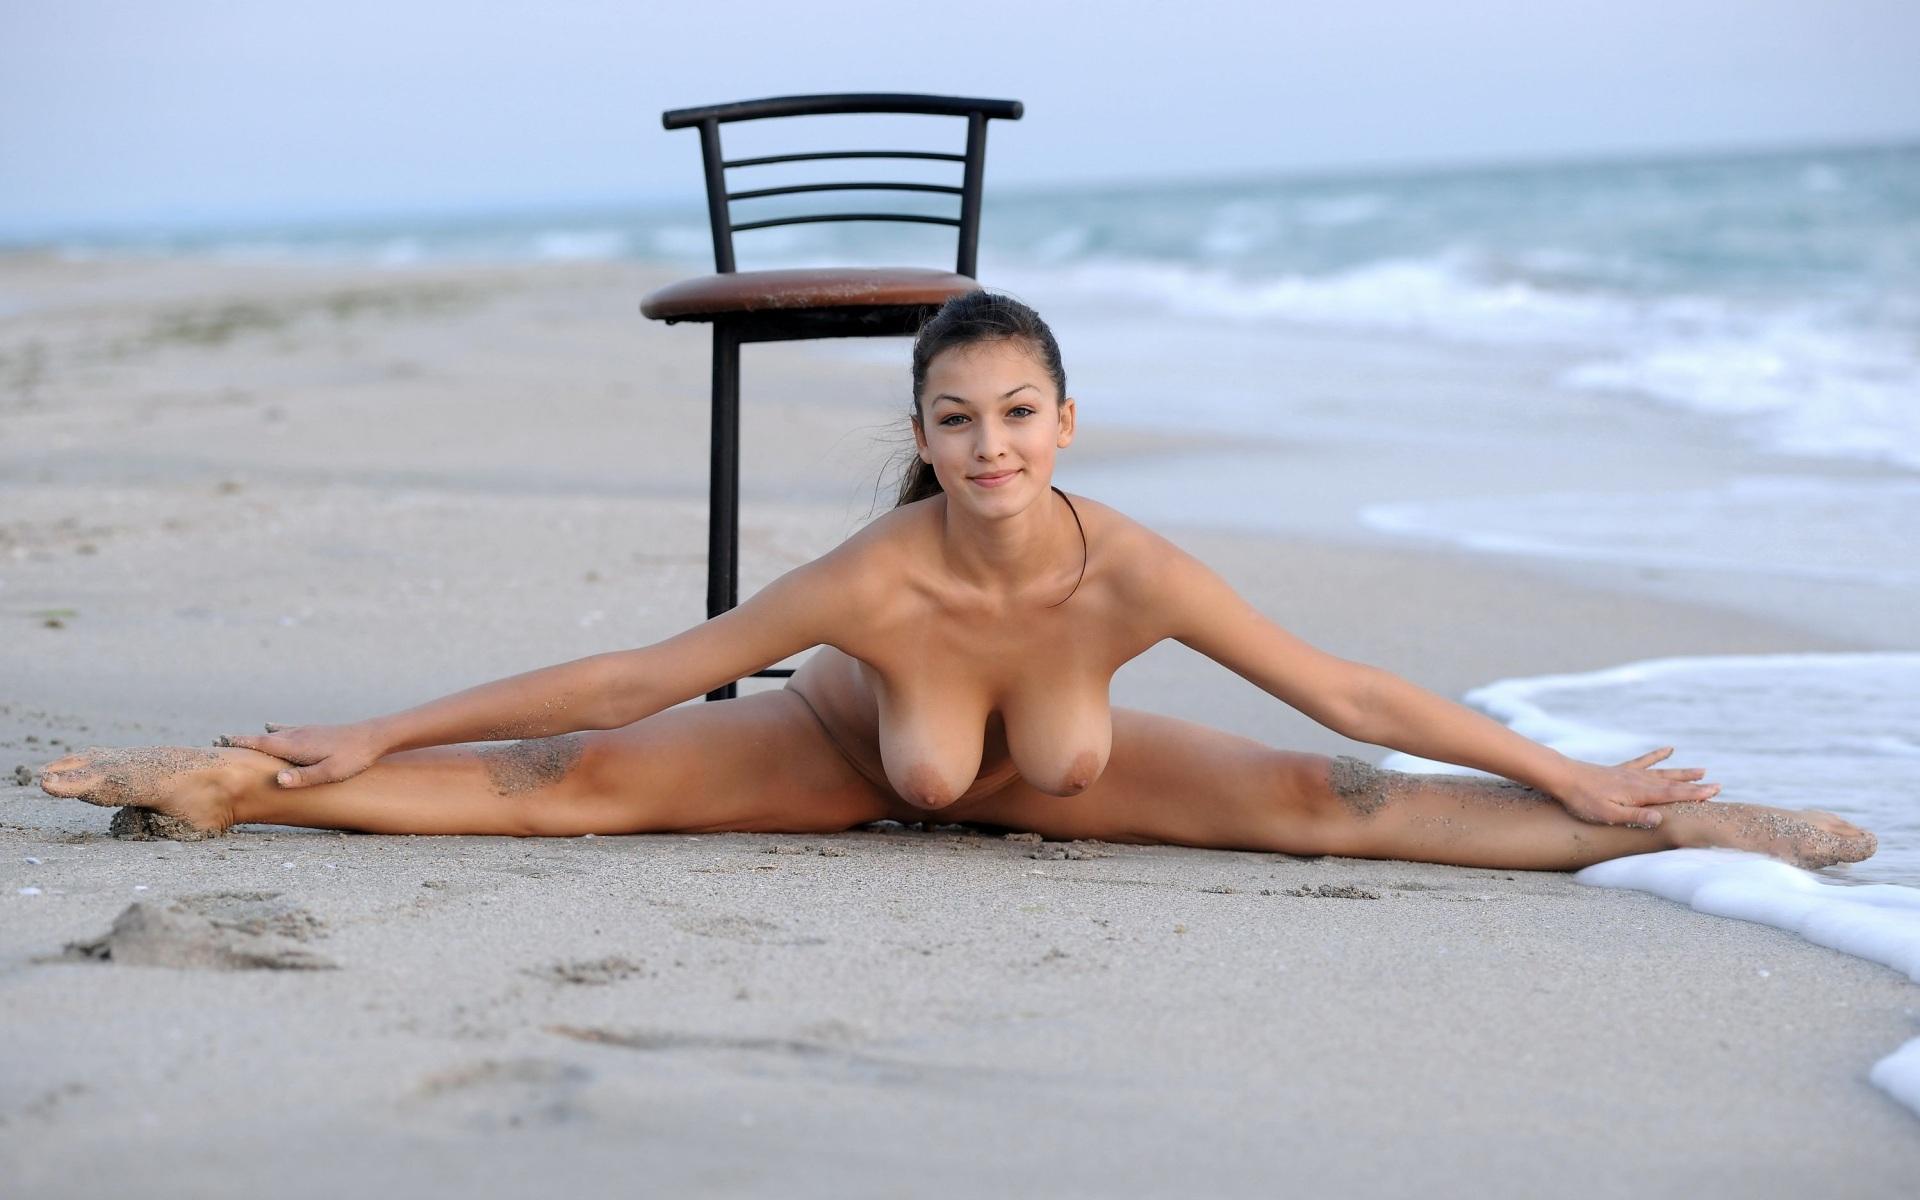 Эротика на пляже для женщин 12 фотография